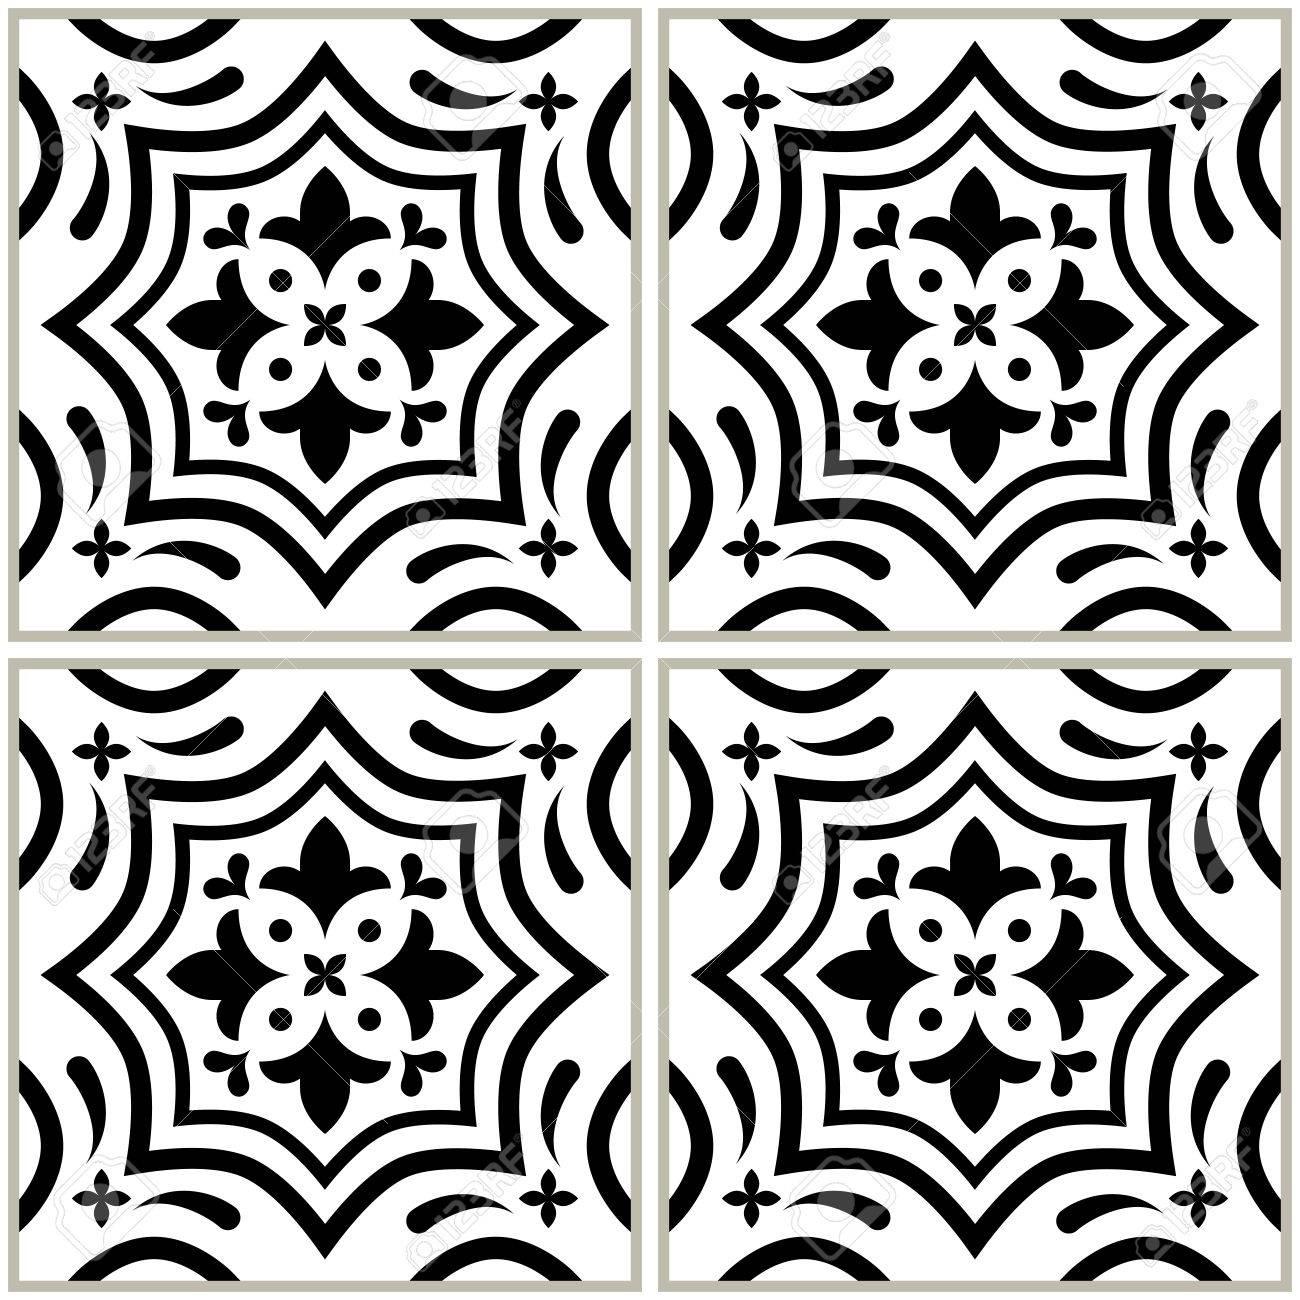 Portugiesische Fliesen Muster Azulejo SchwarzWeißDesign - Portugiesische fliesen bilder